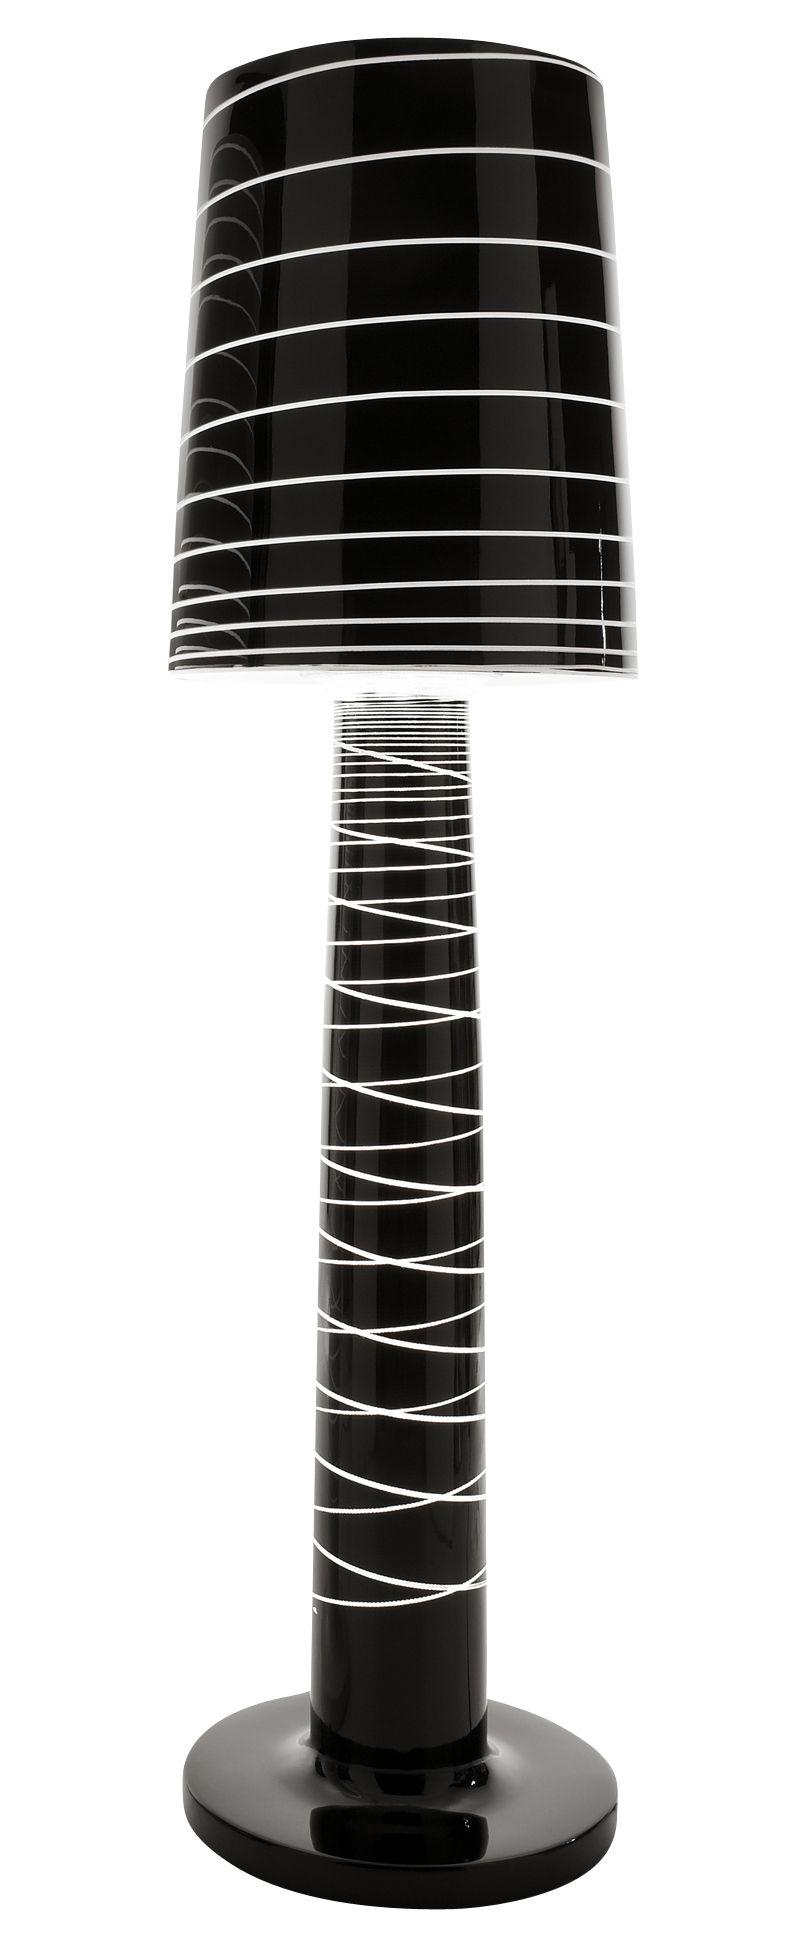 Leuchten - Stehleuchten - Lady Jane Outdoor Stehleuchte - Serralunga - Schwarz lackiert mit Streifen - Polyäthylen